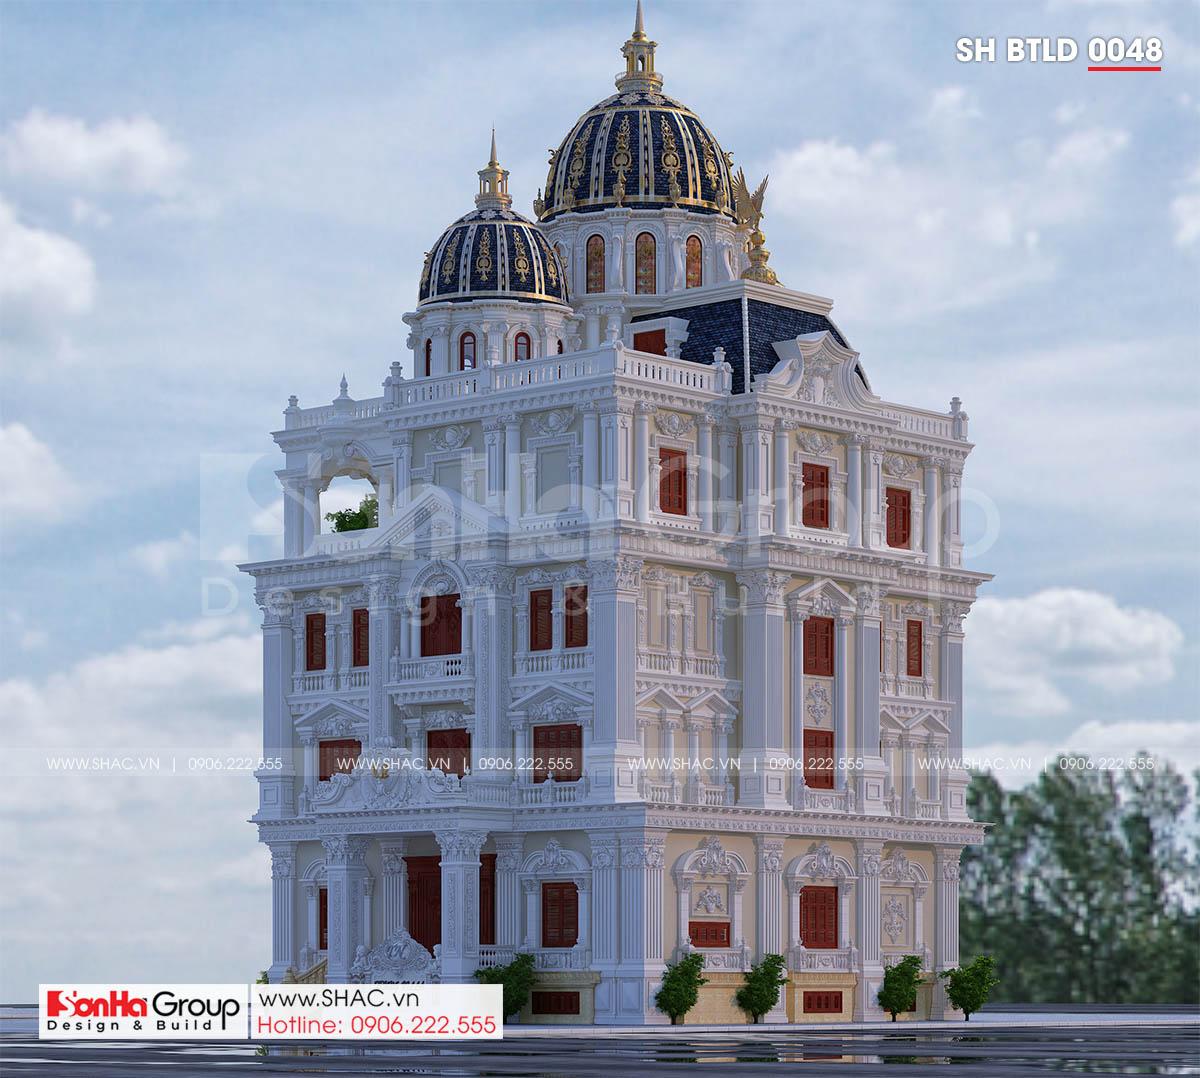 Ngẩn ngơ trước thiết kế biệt thự lâu đài 3 tầng 1 tum tráng lệ tại Cần Thơ – SH BTLD 0048 3